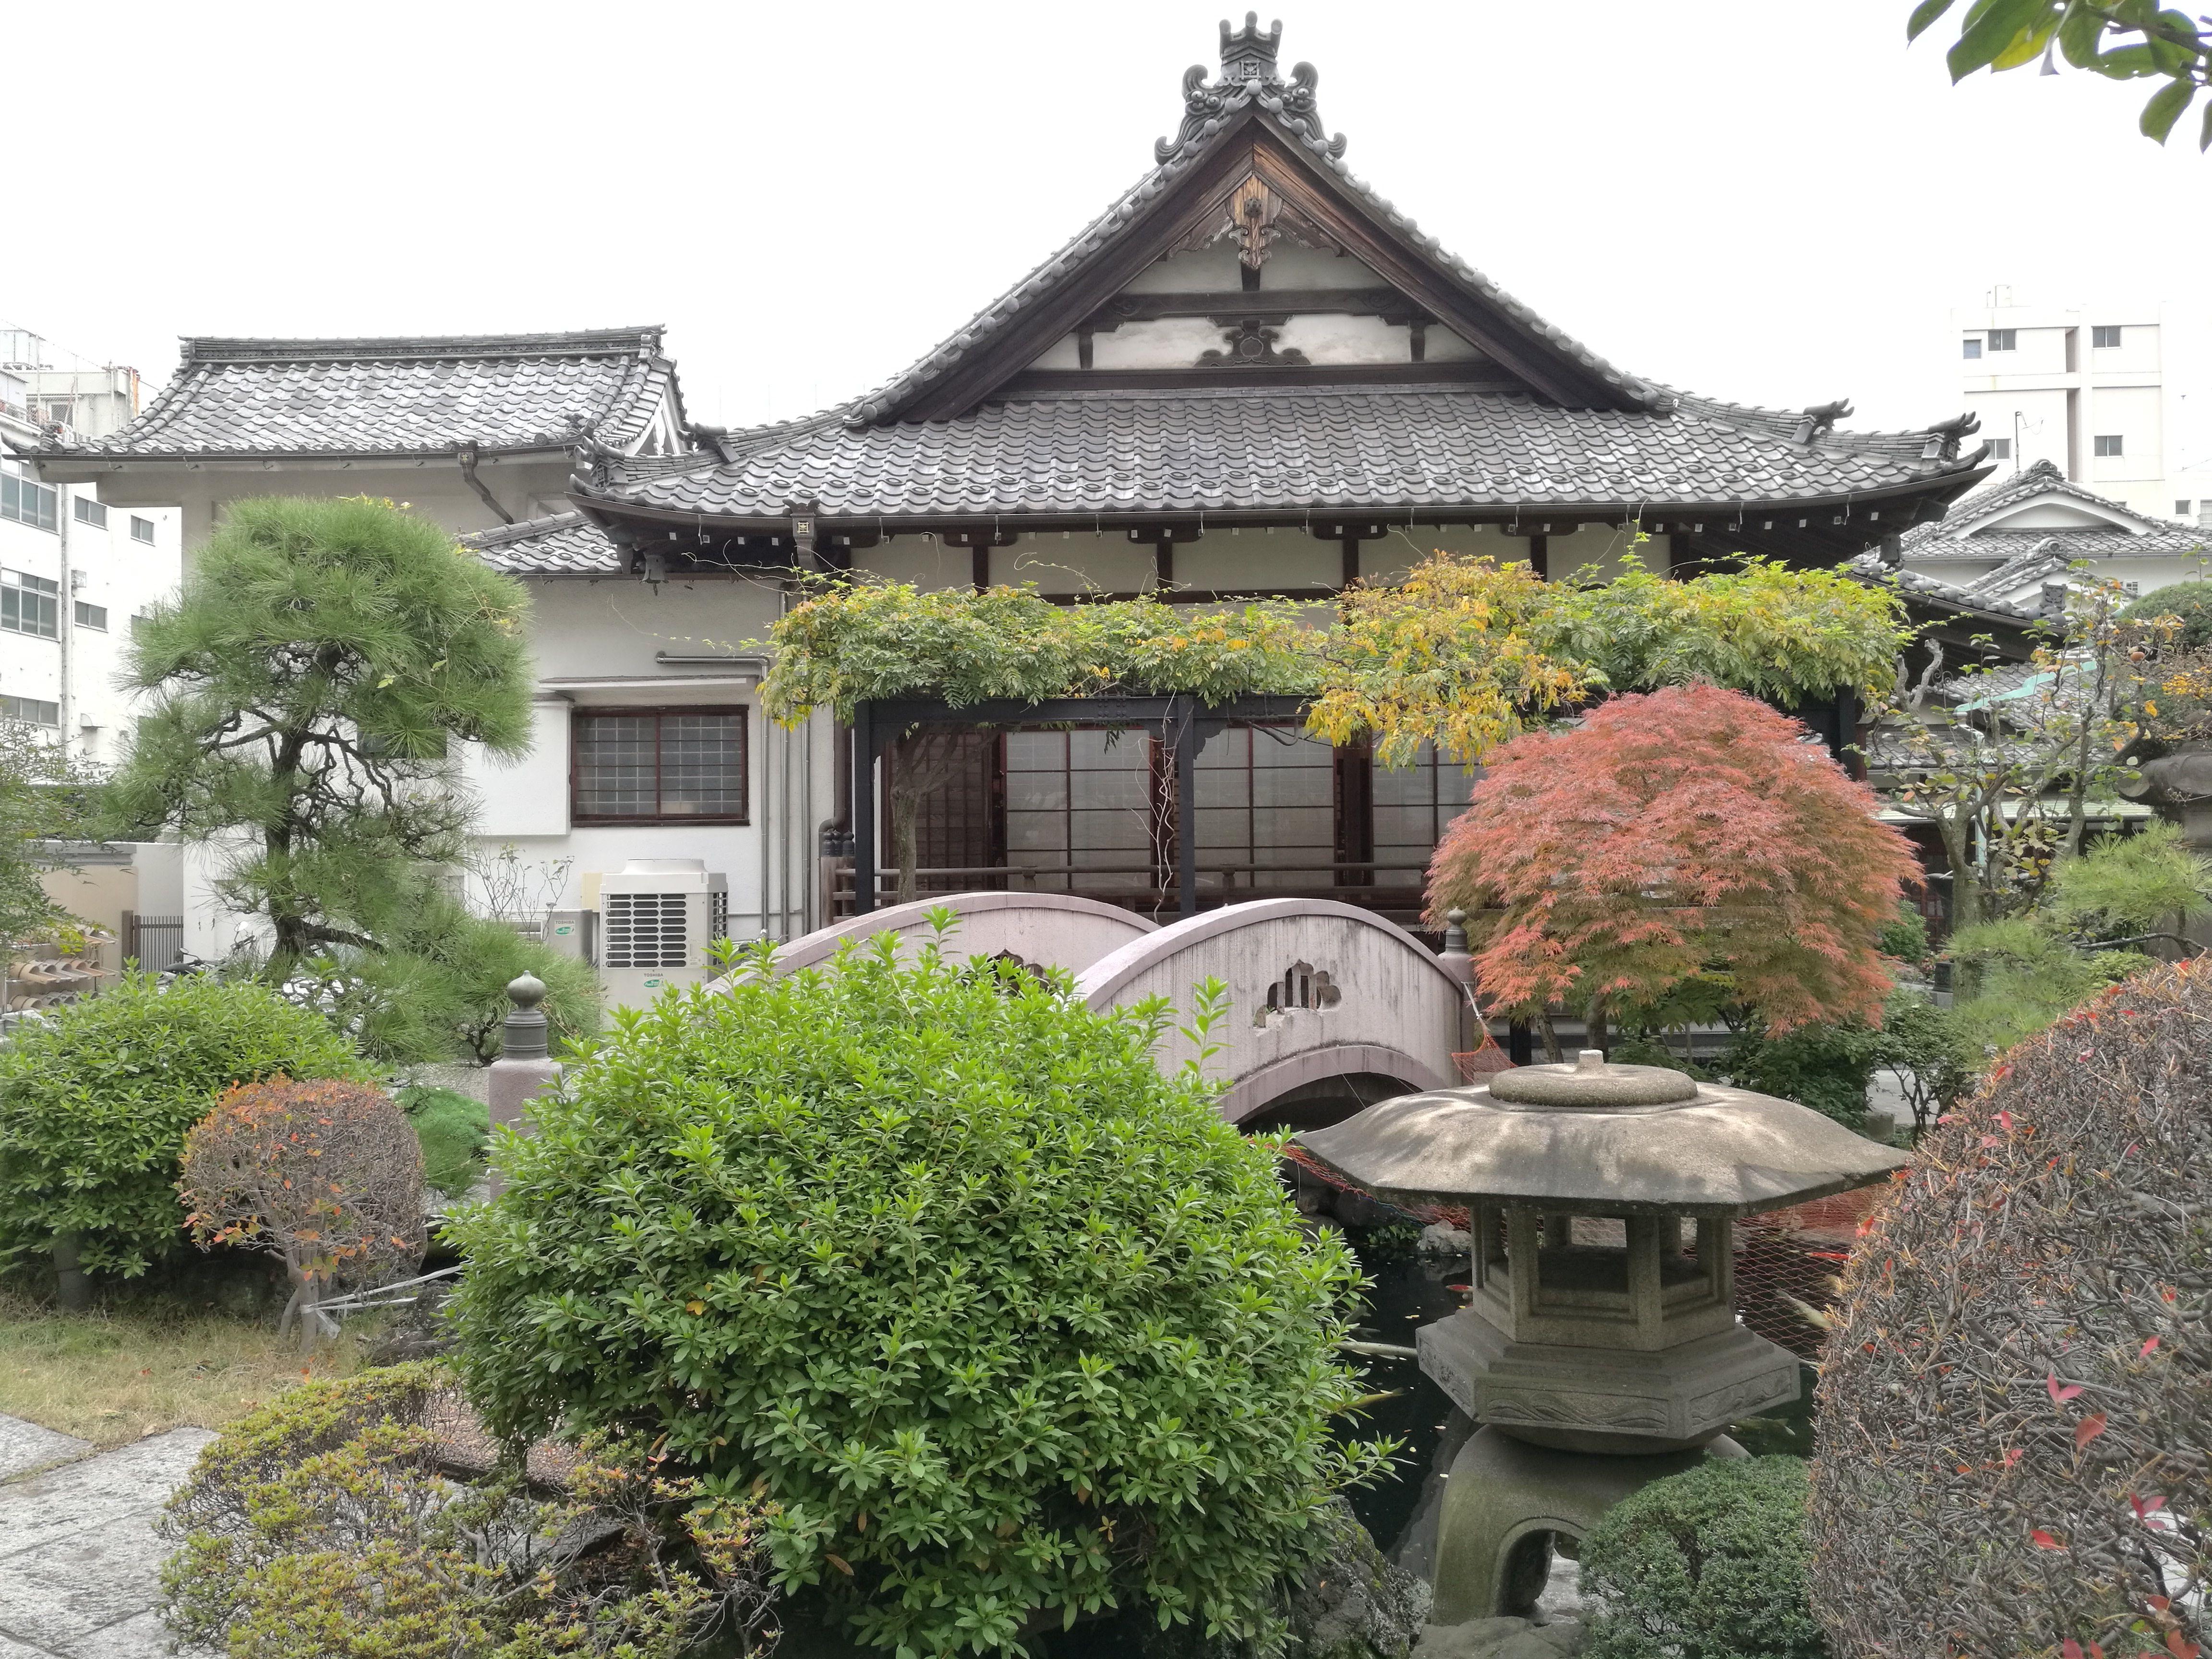 Un templo en una calle cualquiera